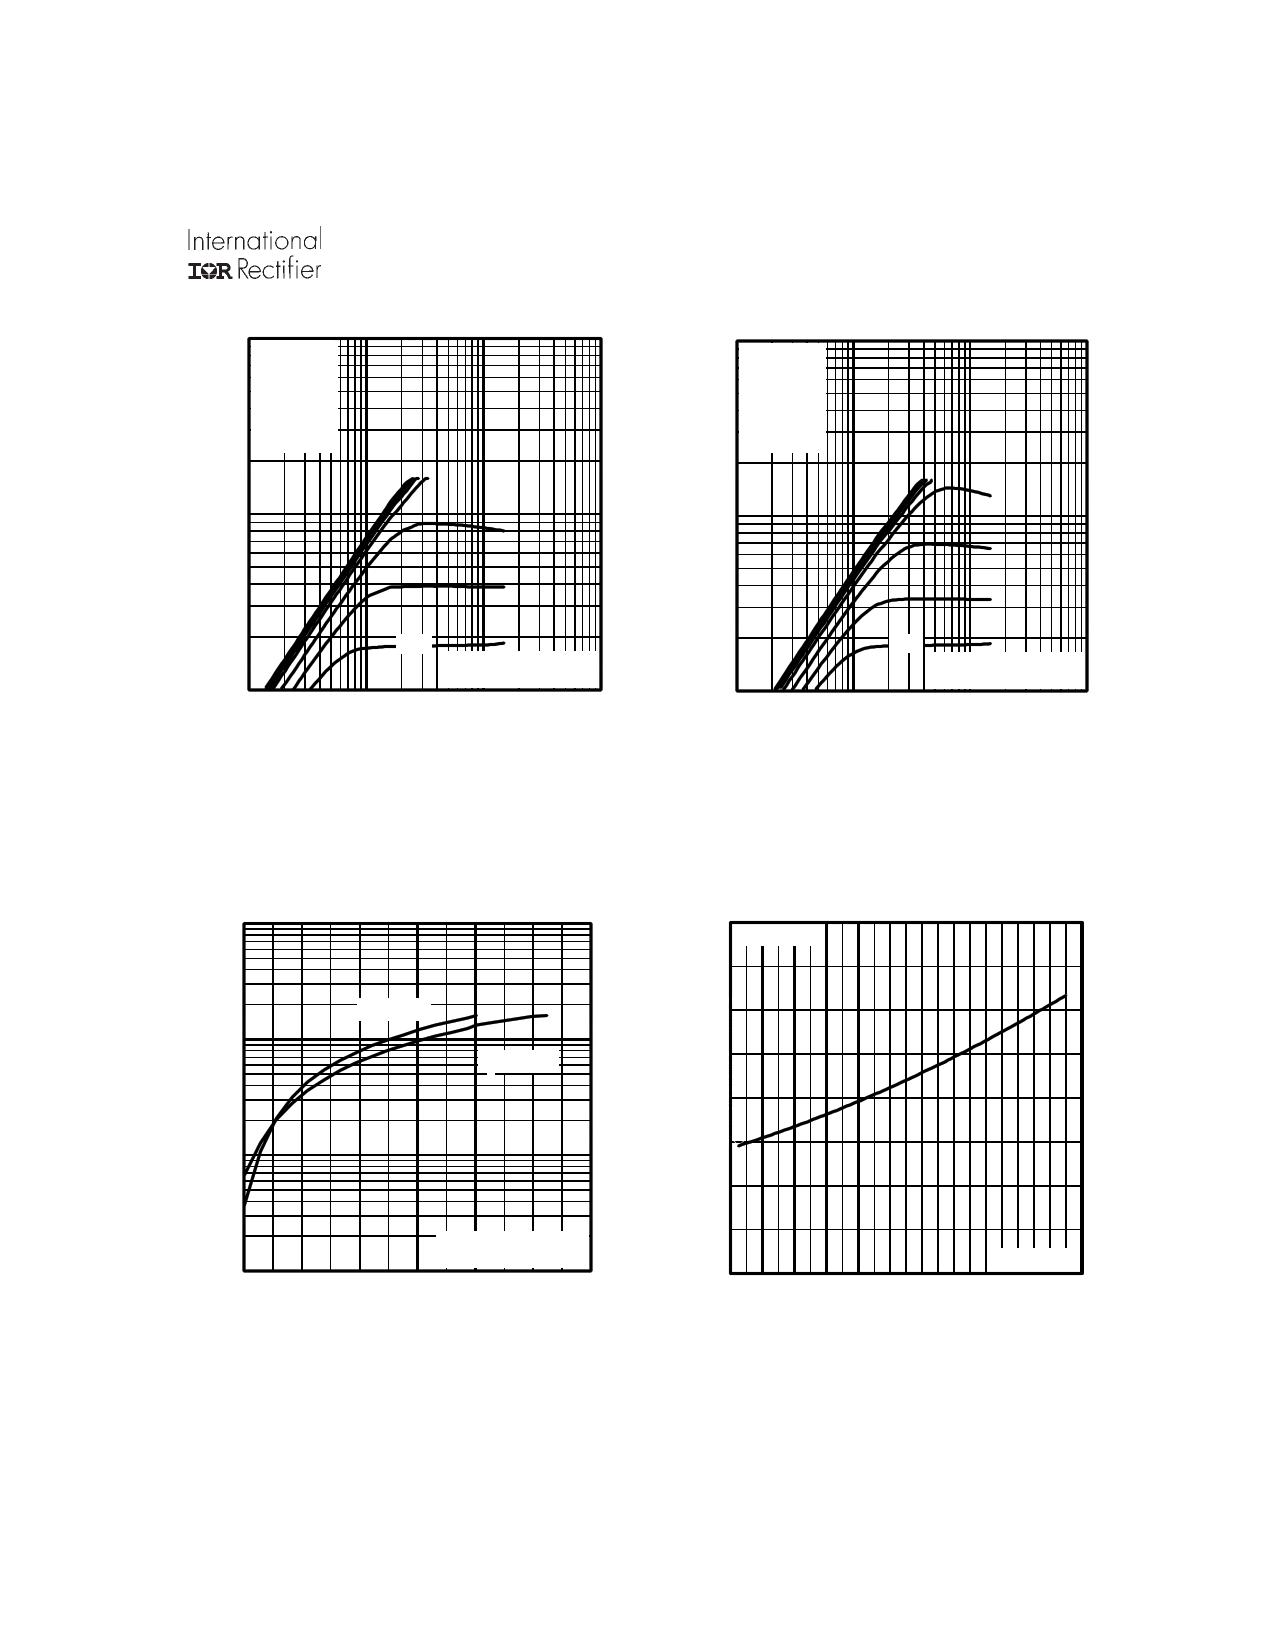 IRL3302PBF pdf, ピン配列